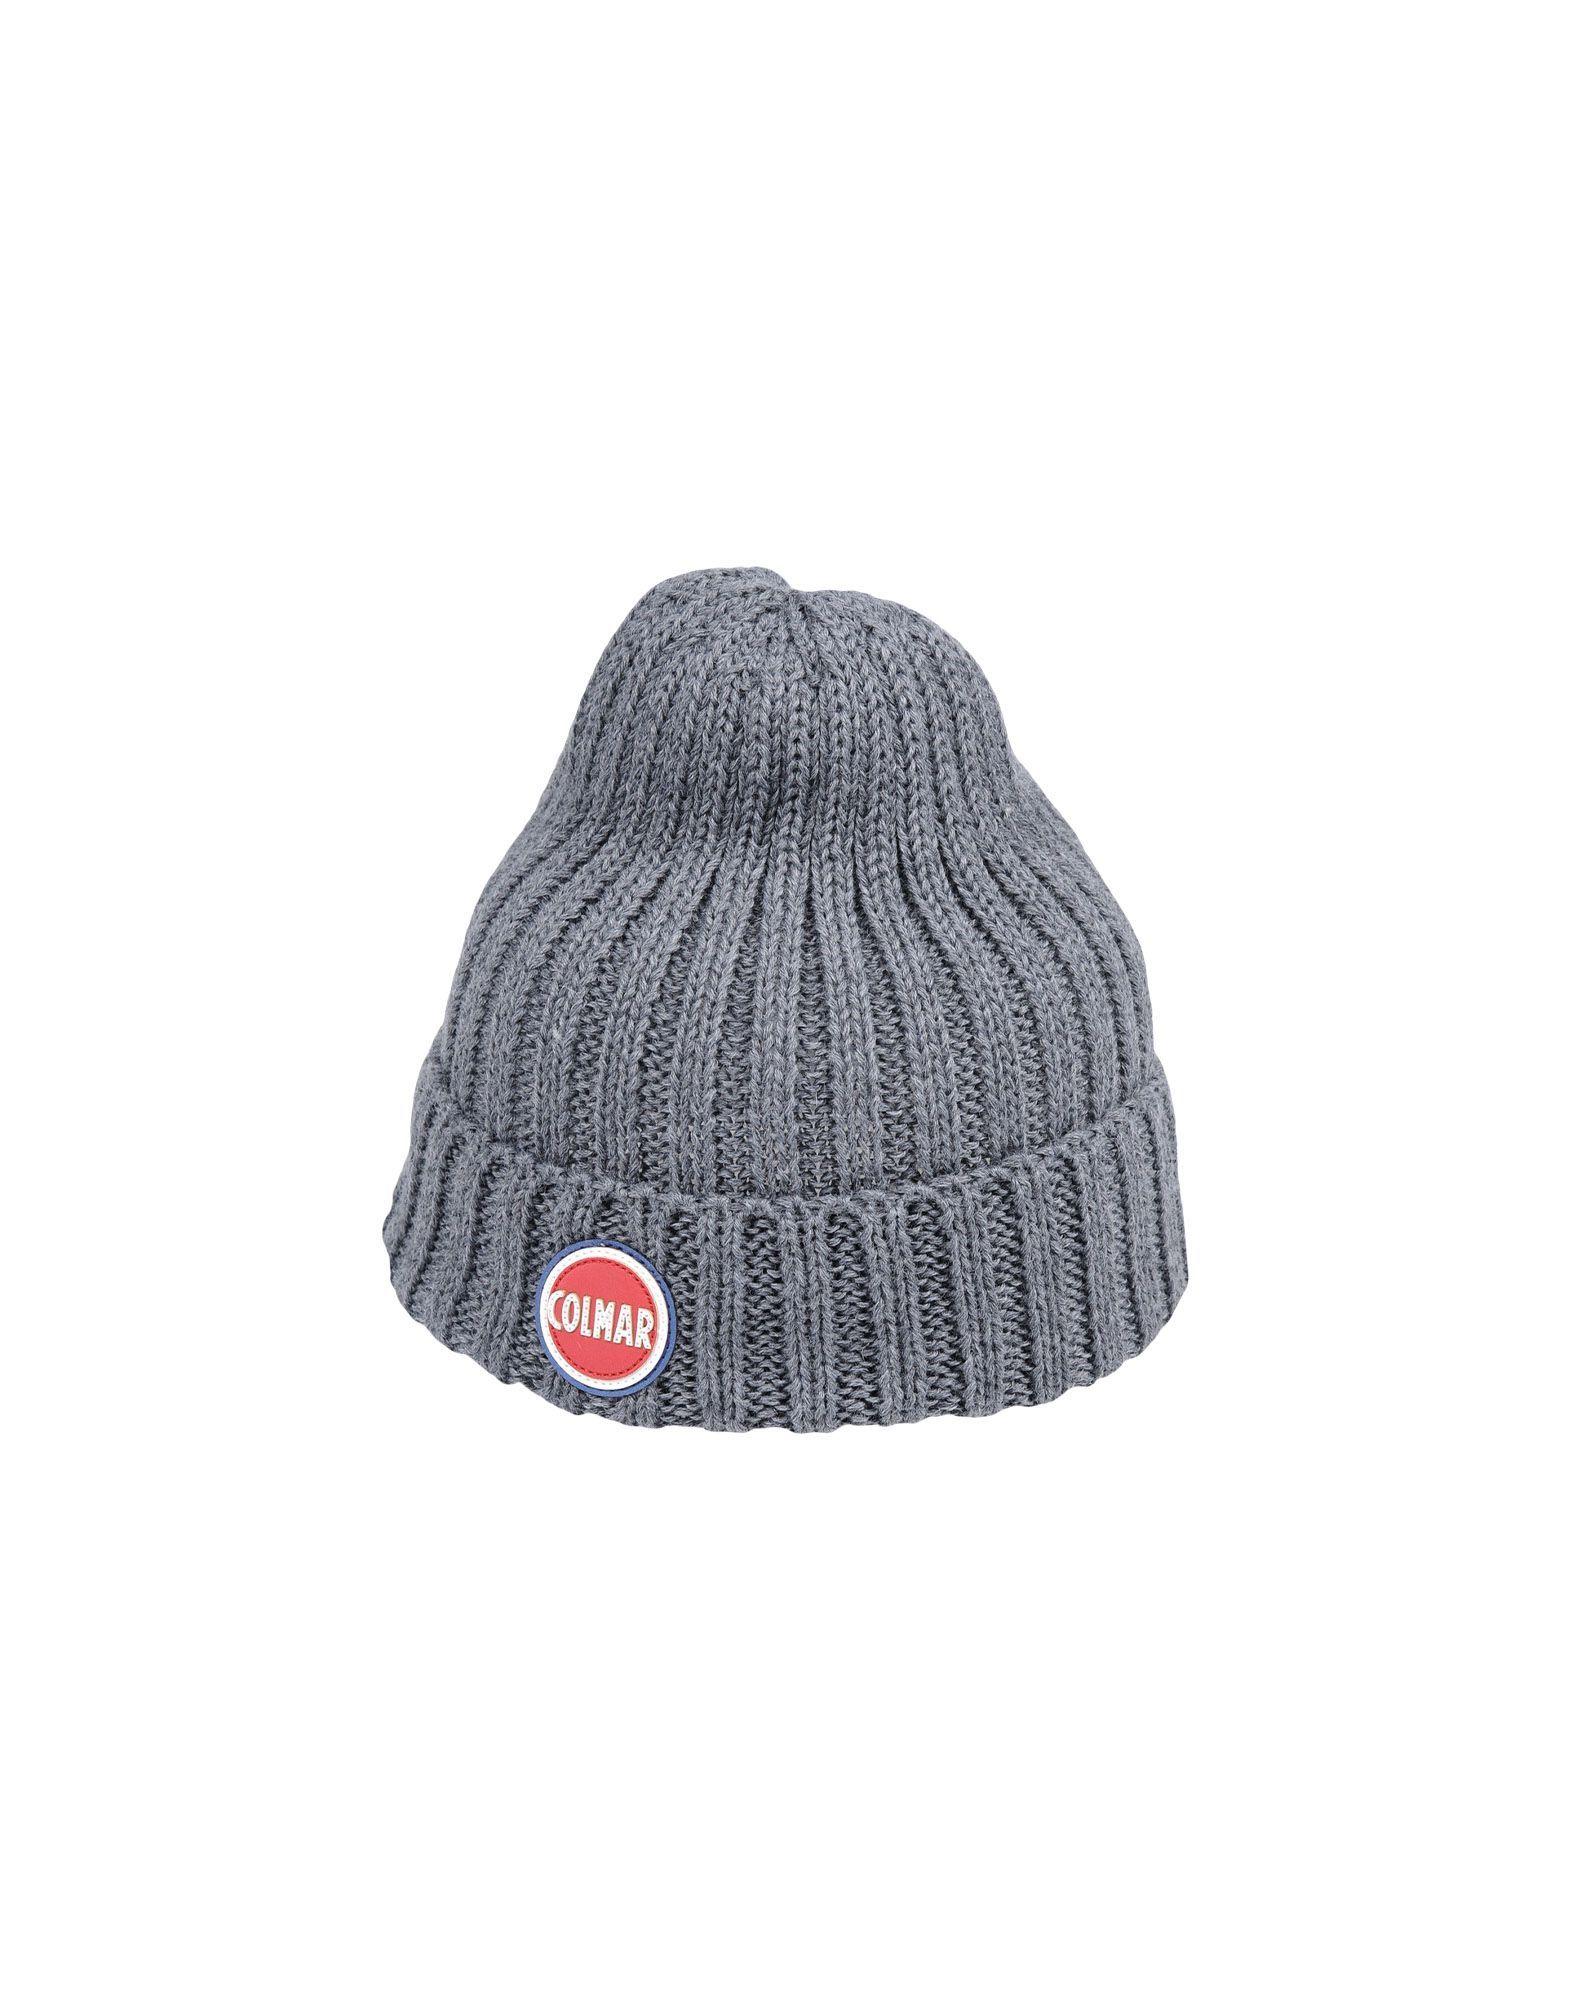 cf90248bedc COLMAR HATS.  colmar